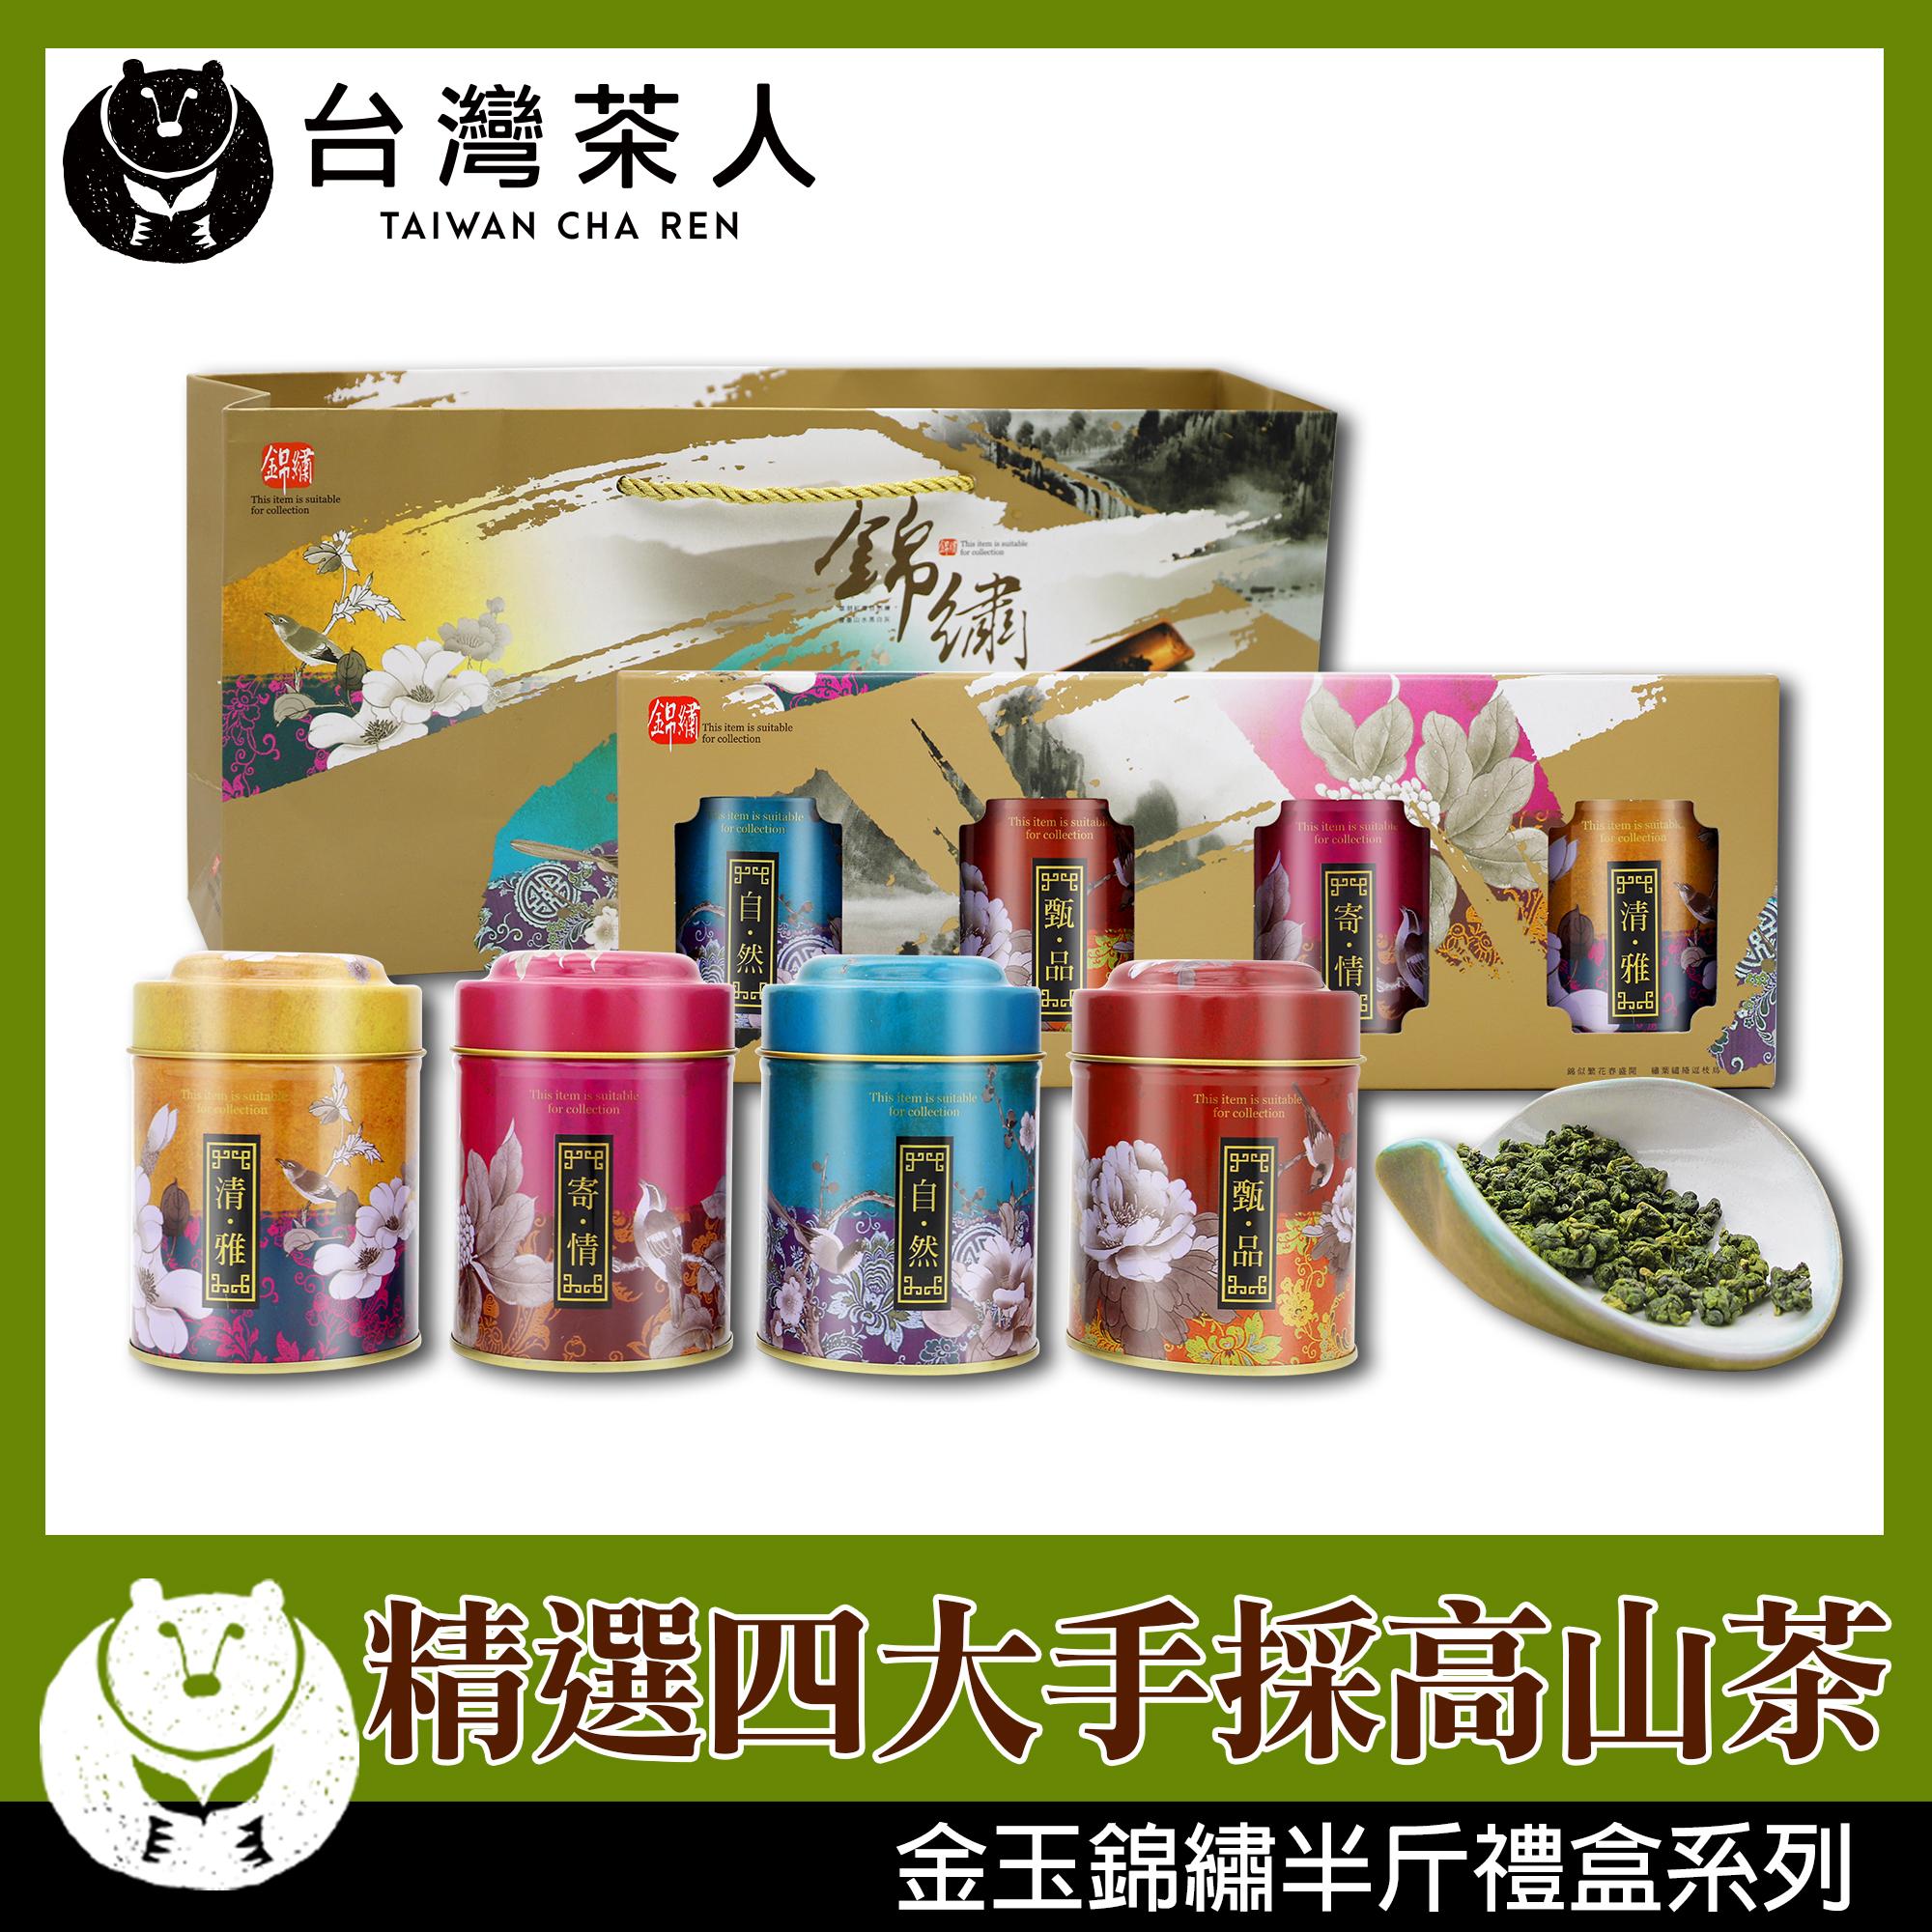 台灣茶人 錦繡禮盒